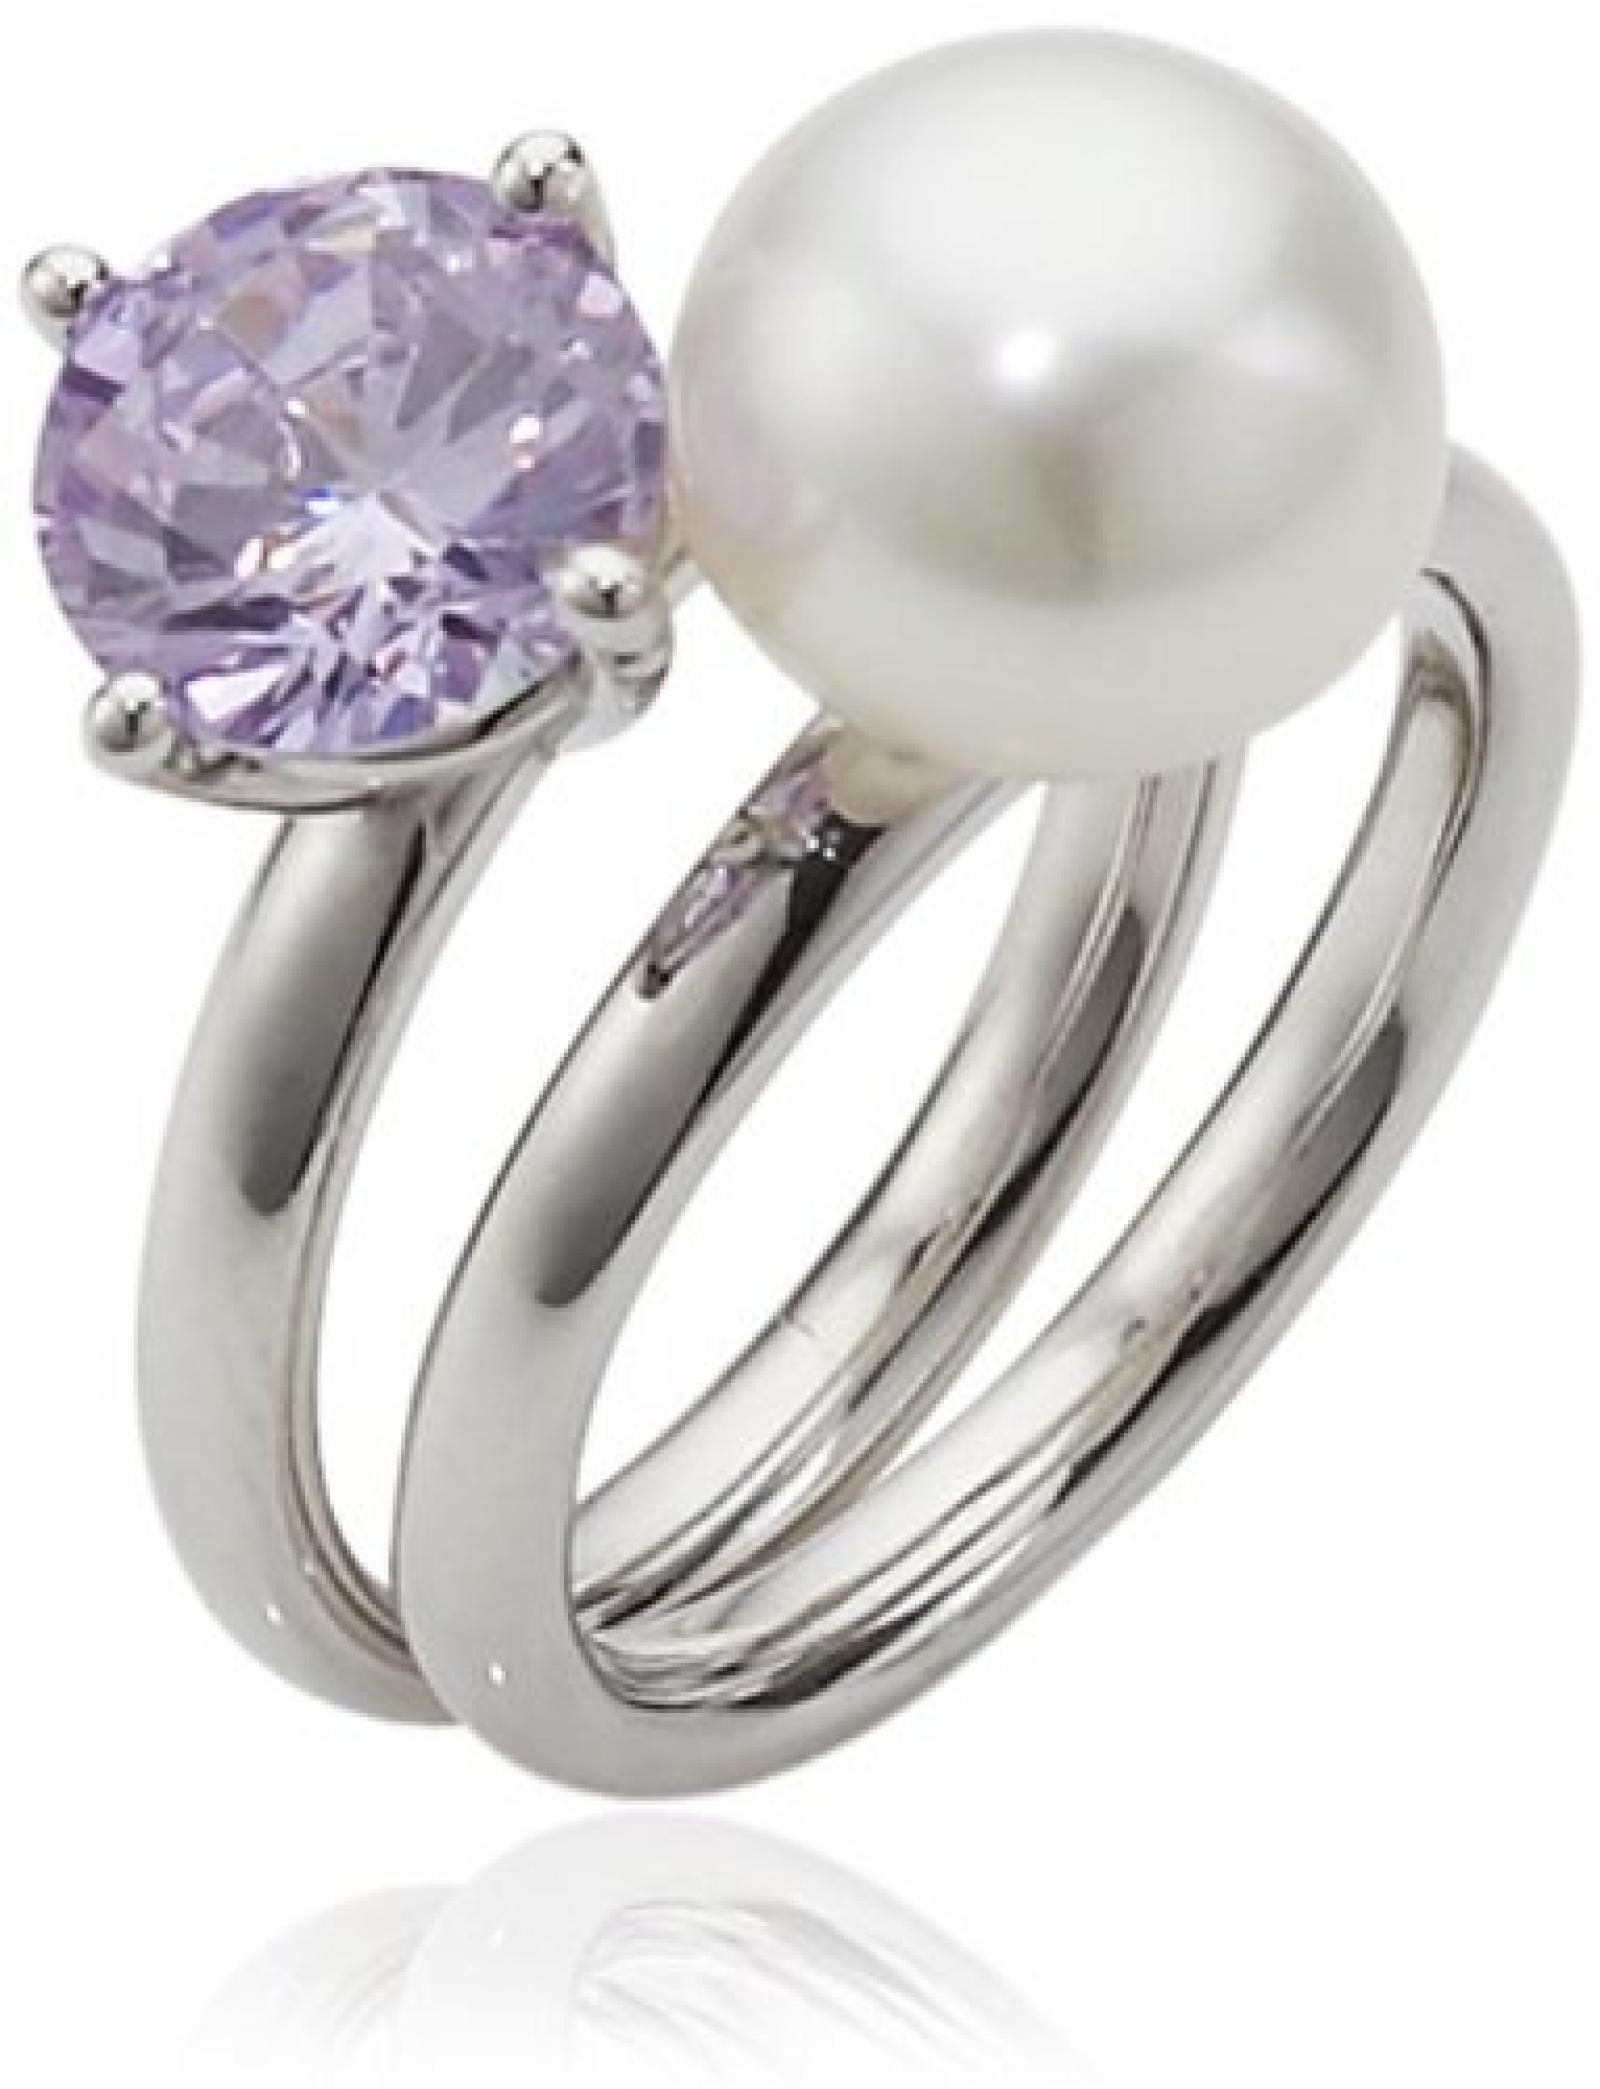 Adriana Damen-Ring Süßwasser Zuchtperlen purple rain 925 Sterling-Silber Rainbow RAR-V-Gr.60